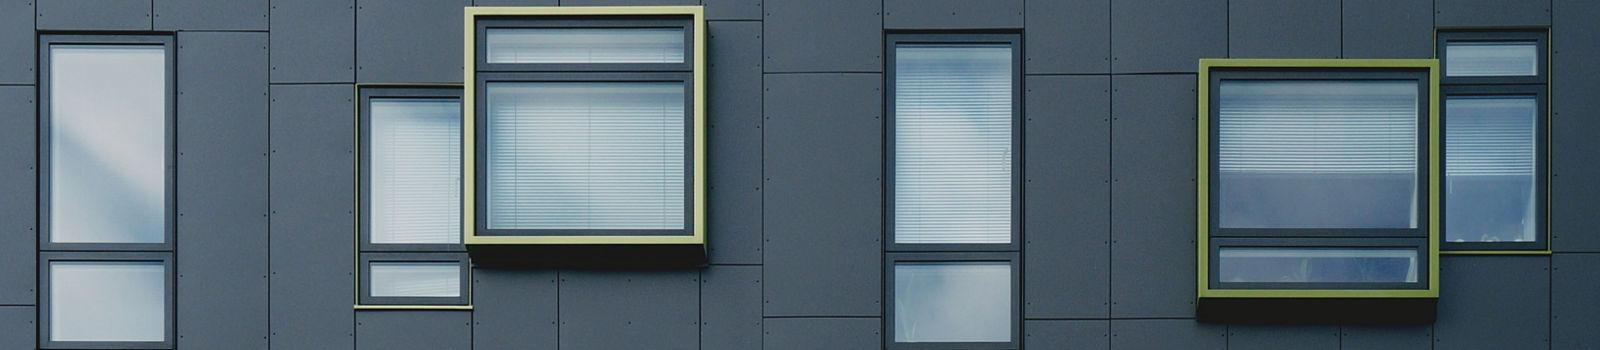 Eine fertige Fassade mit Vollwärmeschutz der Omega-Spezialbau GmbH